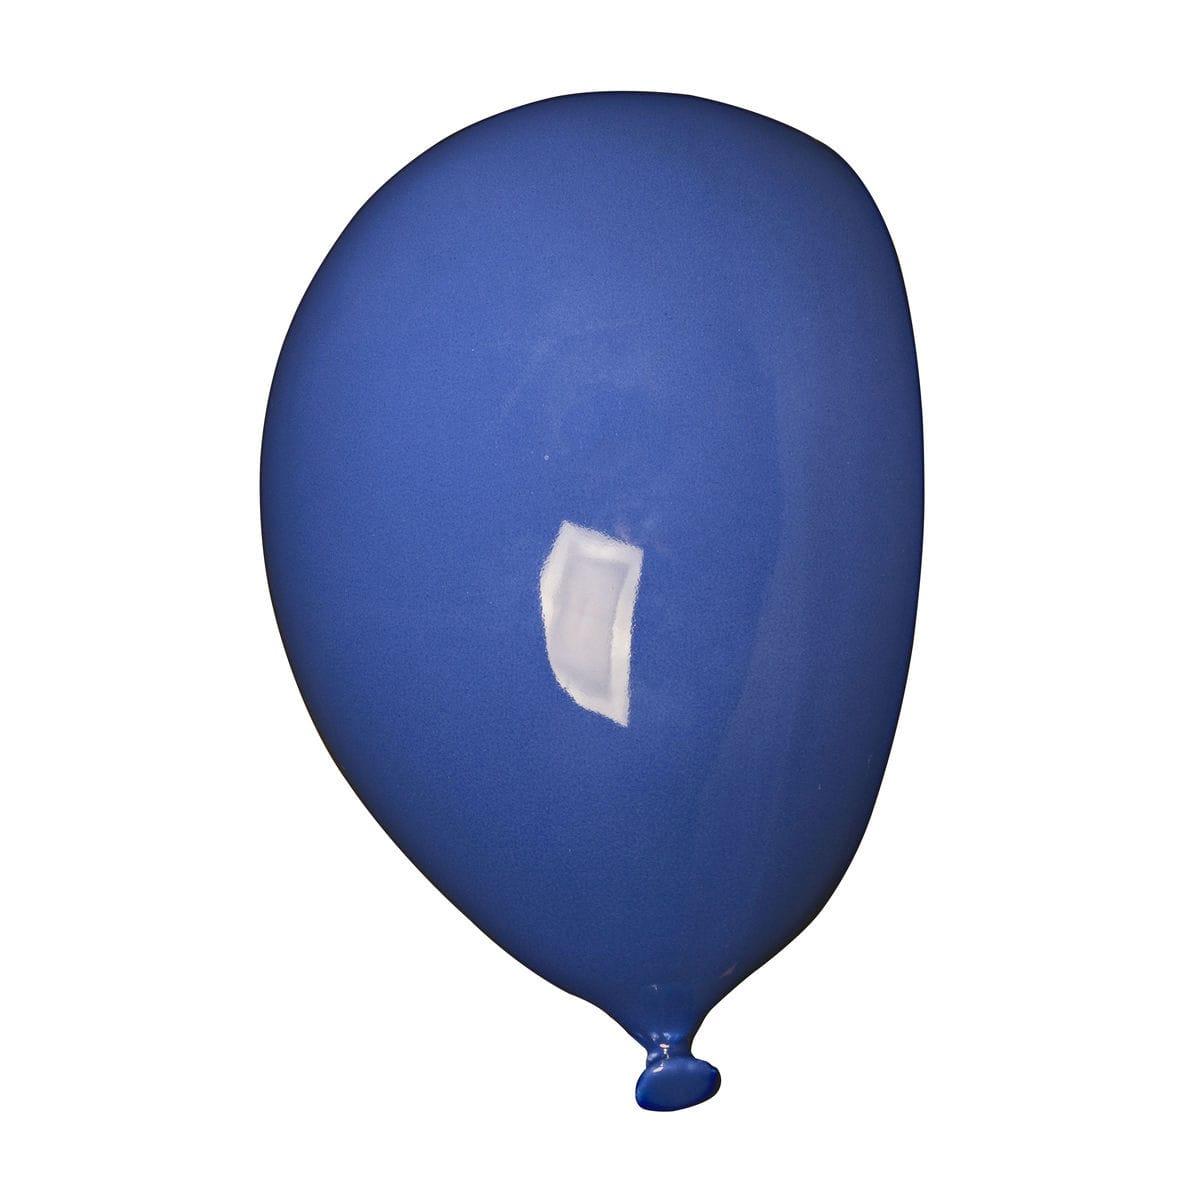 Umidificatore per radiatore in ceramica a forma di palloncino, collezione Balloon, colore blu